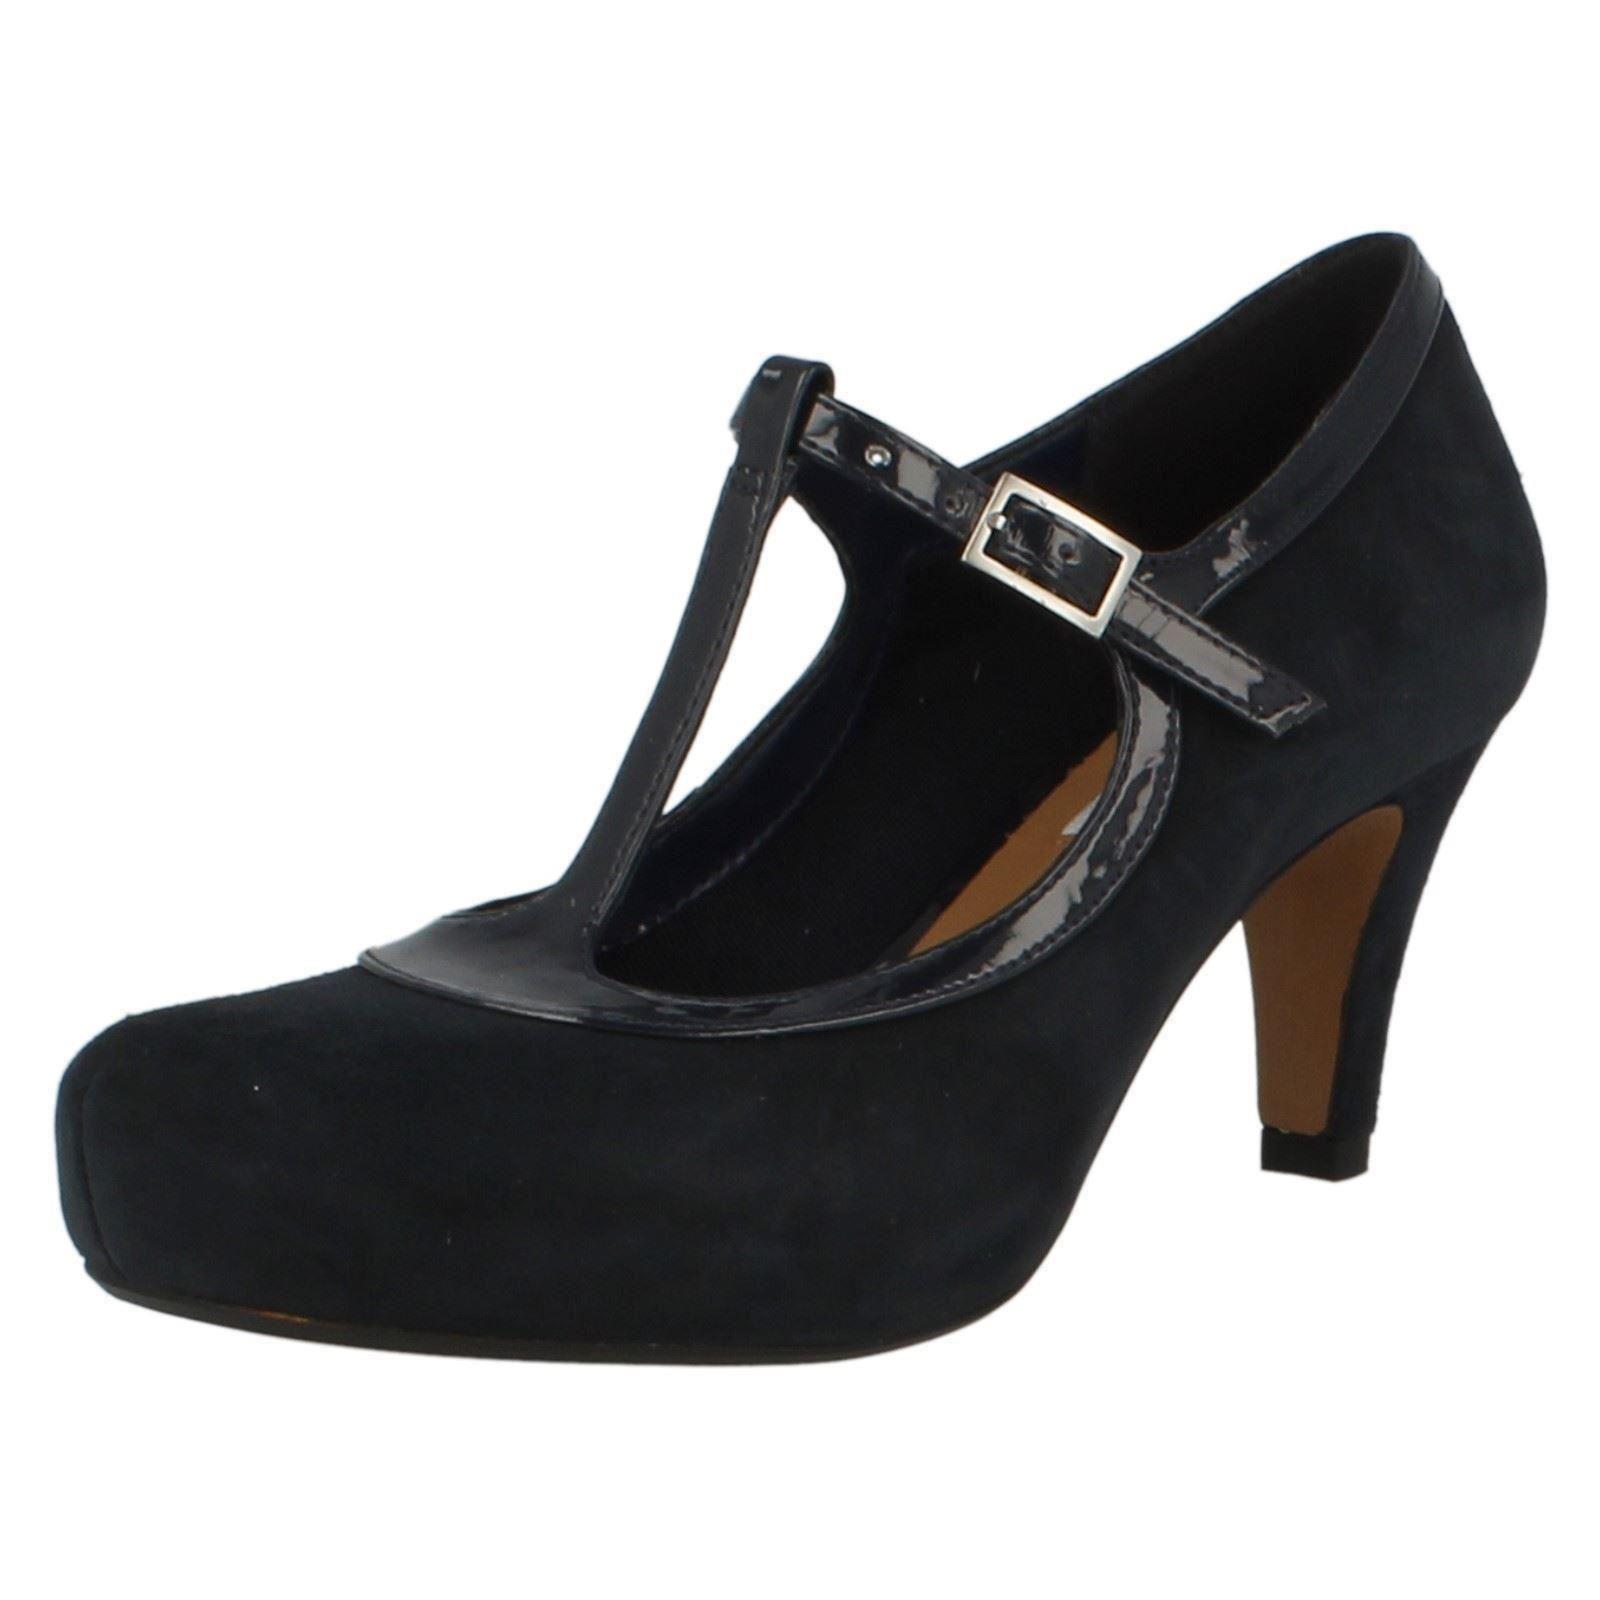 Fly London Shoes Amazon Uk